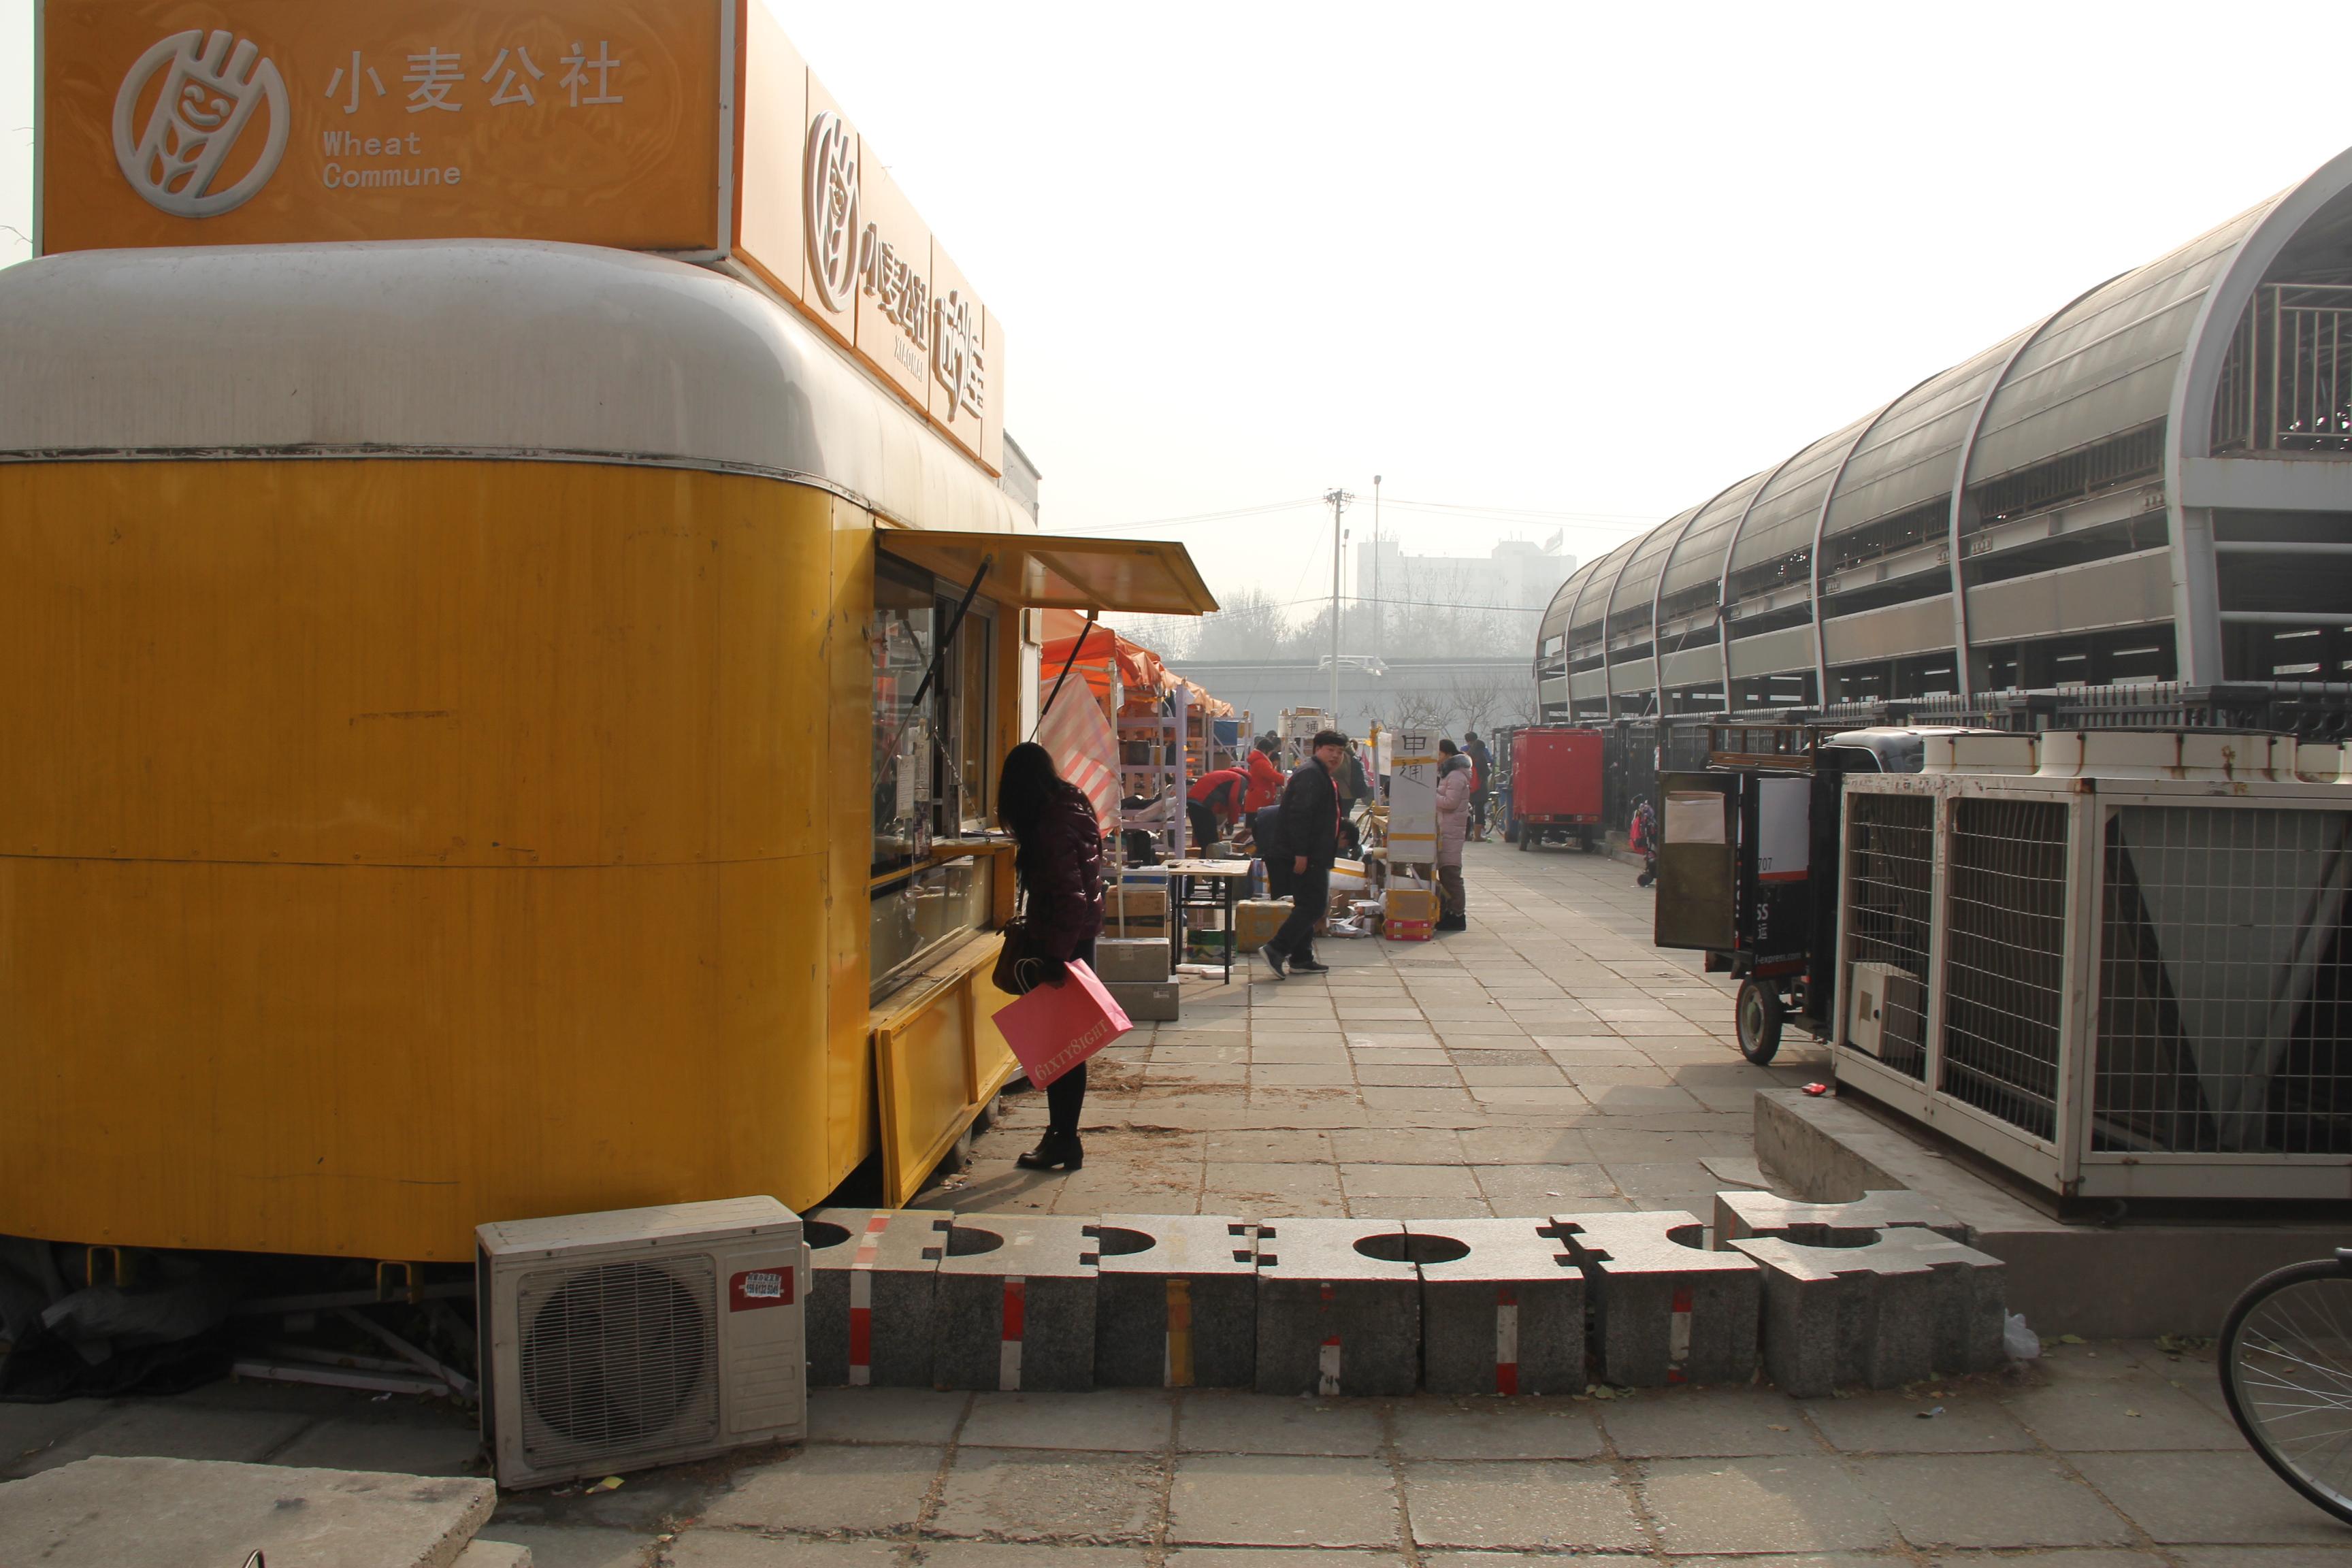 北京科技大学保卫保密处-校园快递集散处环境治理活动